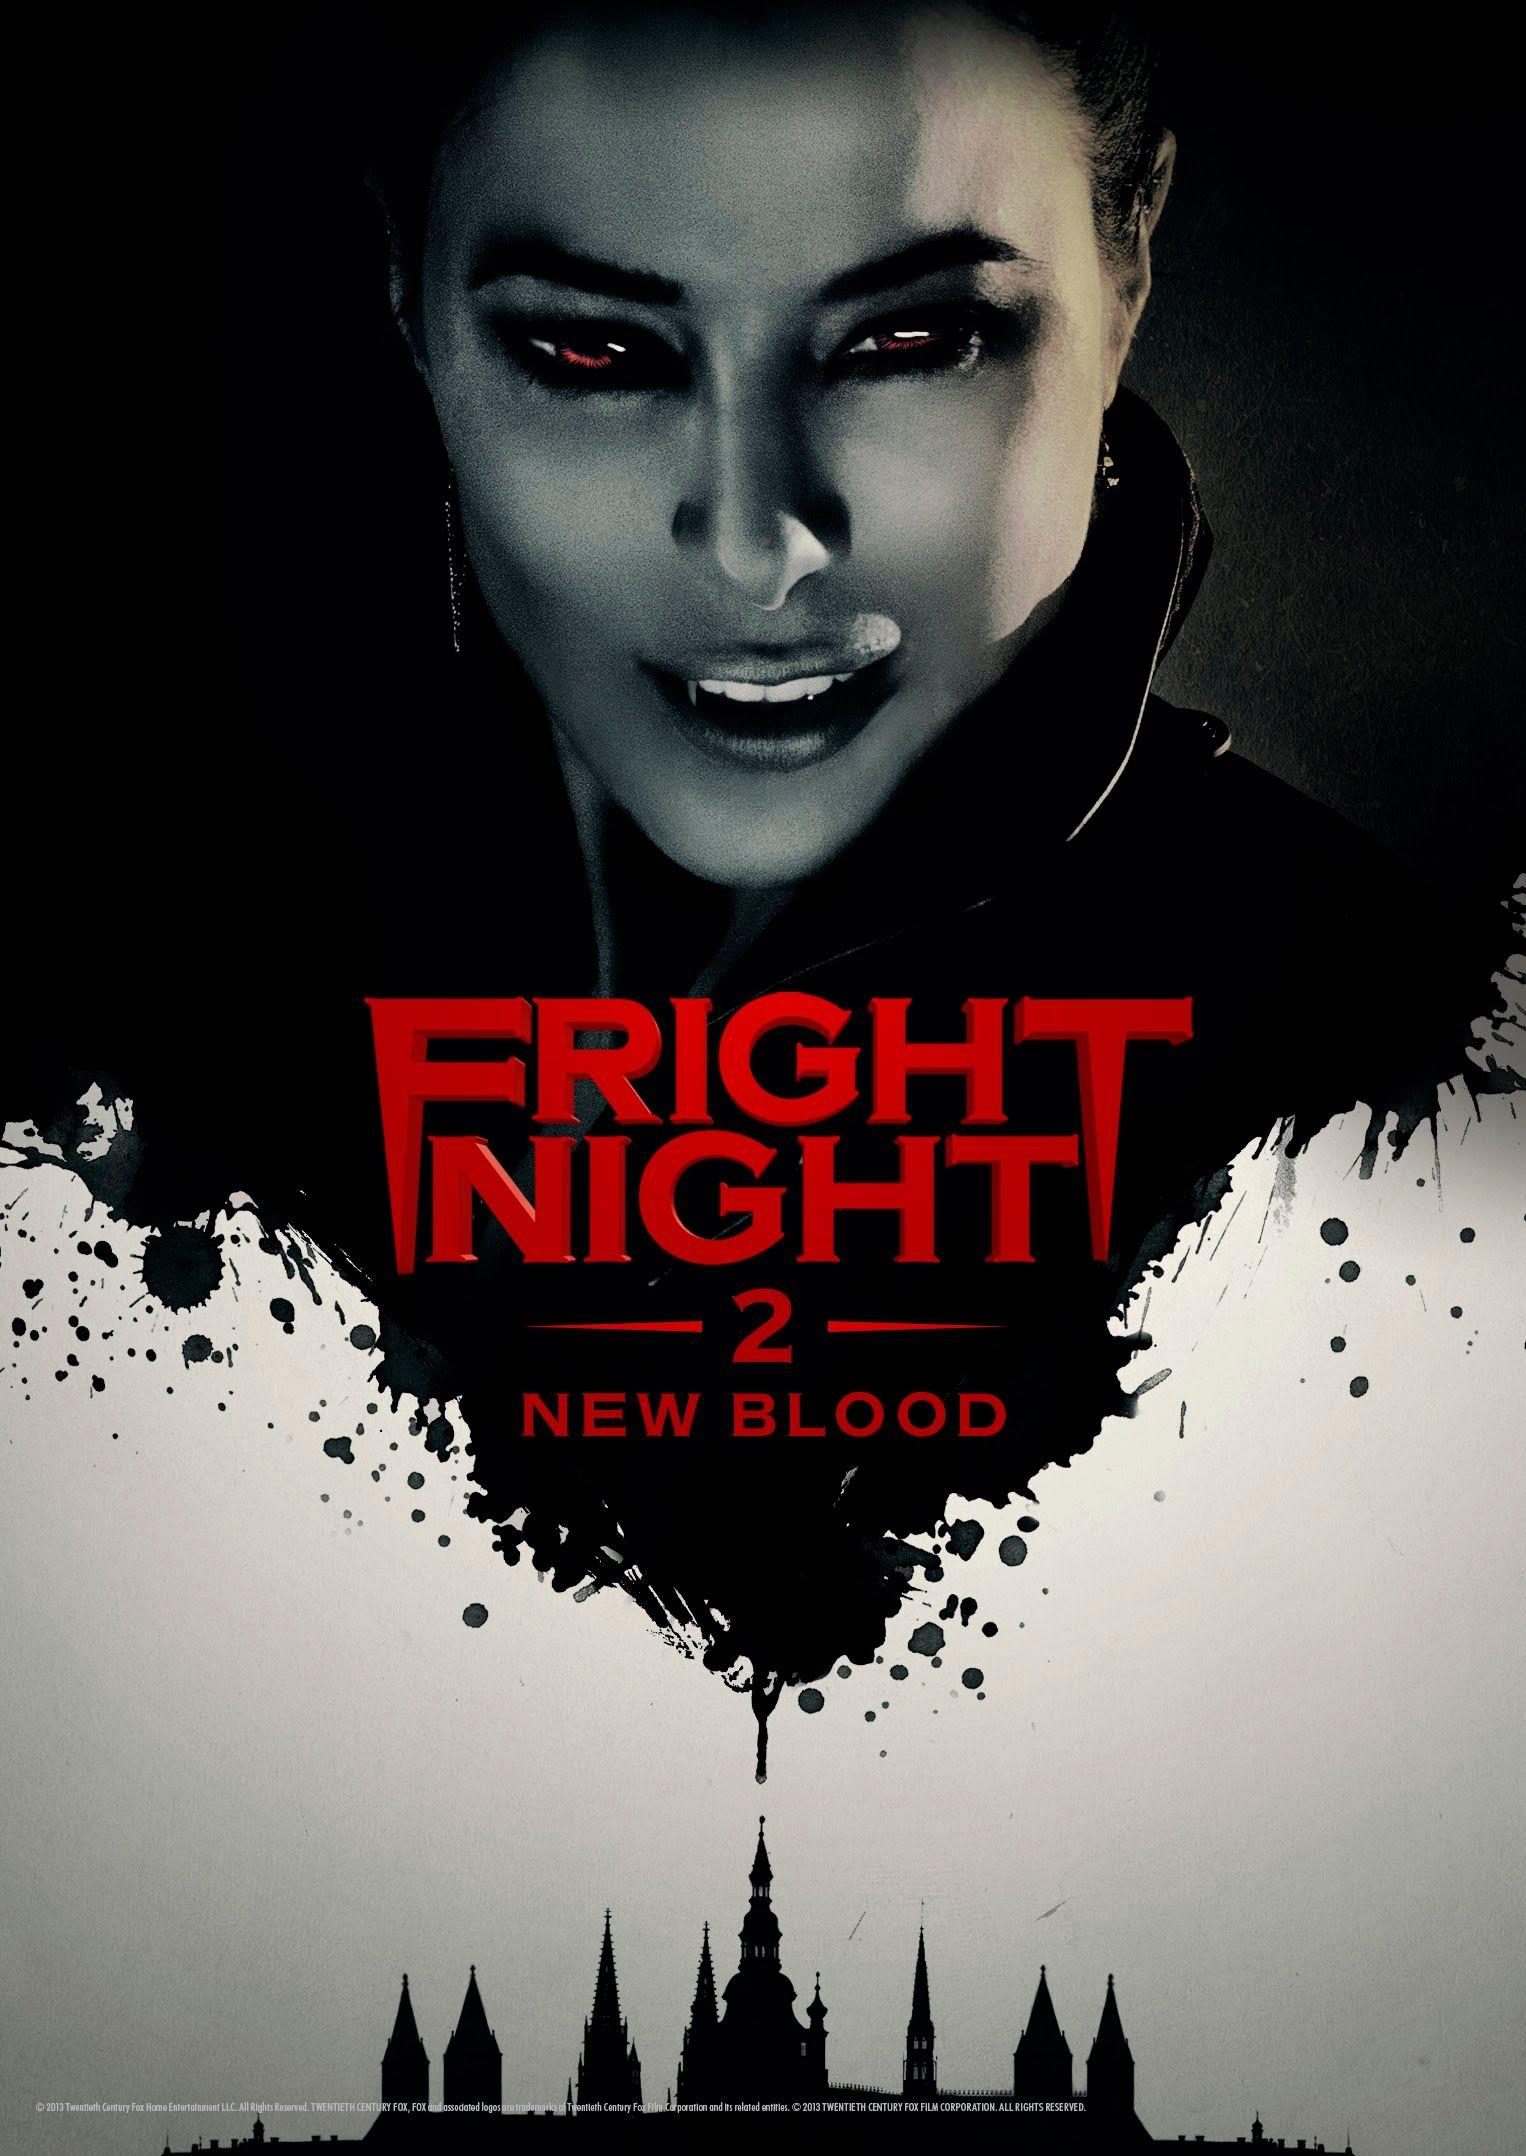 Fright Night 2 New Blood 2013 Filmes De Vampiros Filmes